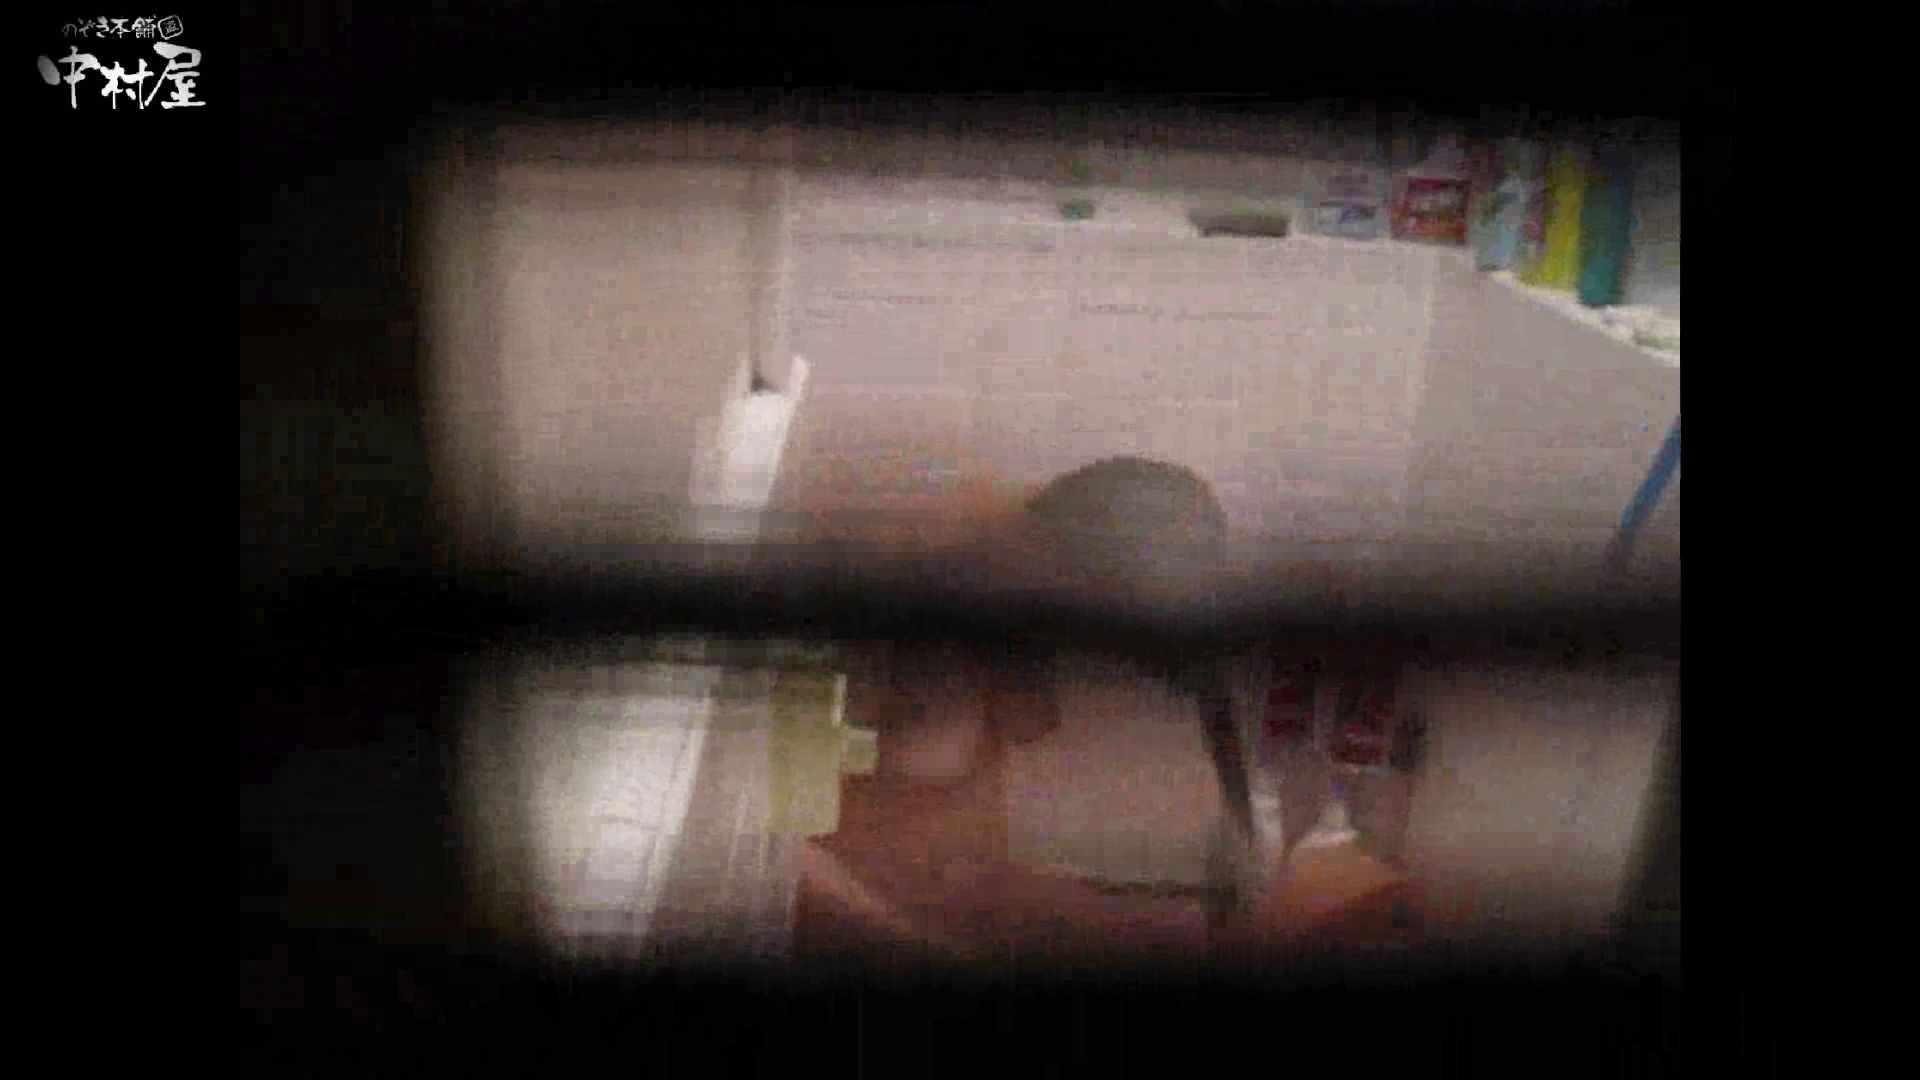 民家風呂専門盗撮師の超危険映像 vol.017 美少女エロ画像  93PICs 84